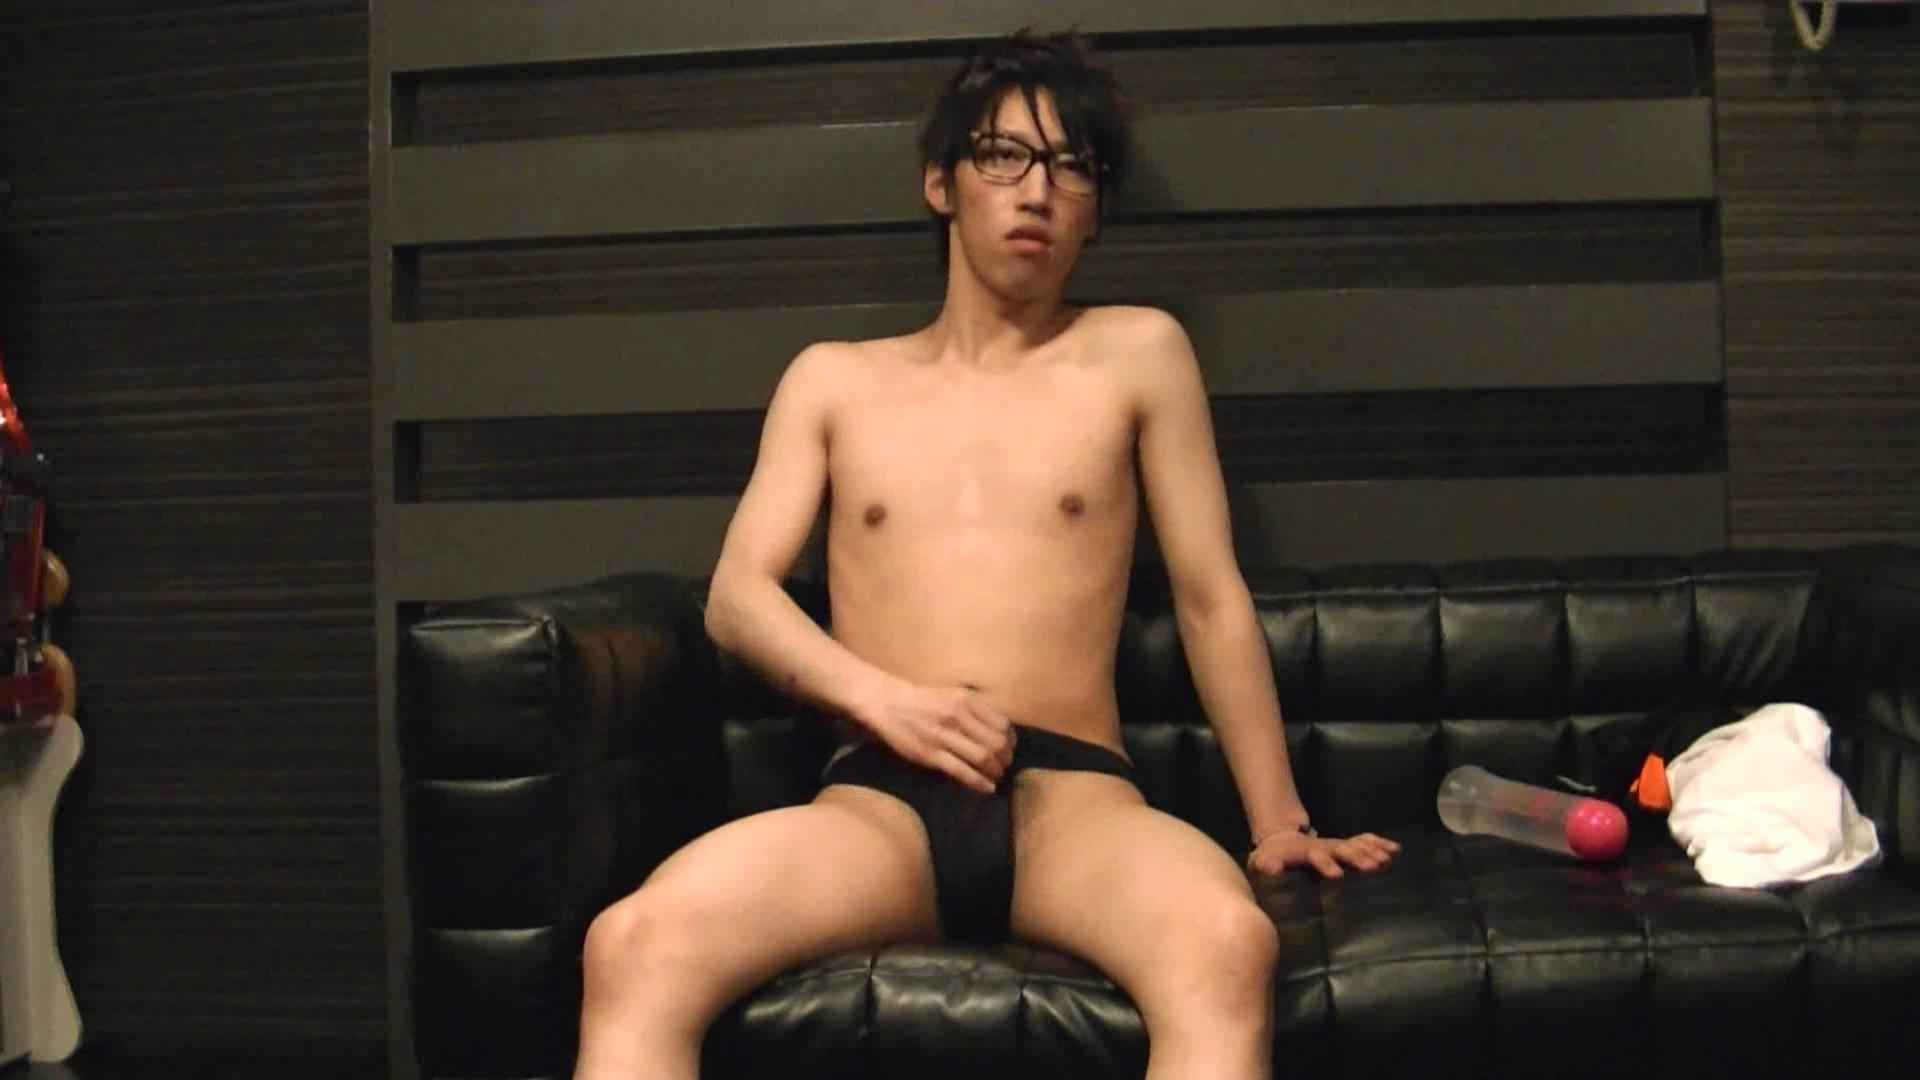 ONA見せカーニバル!! Vol3 ゲイのオナニー映像 | 男祭り  103枚 3